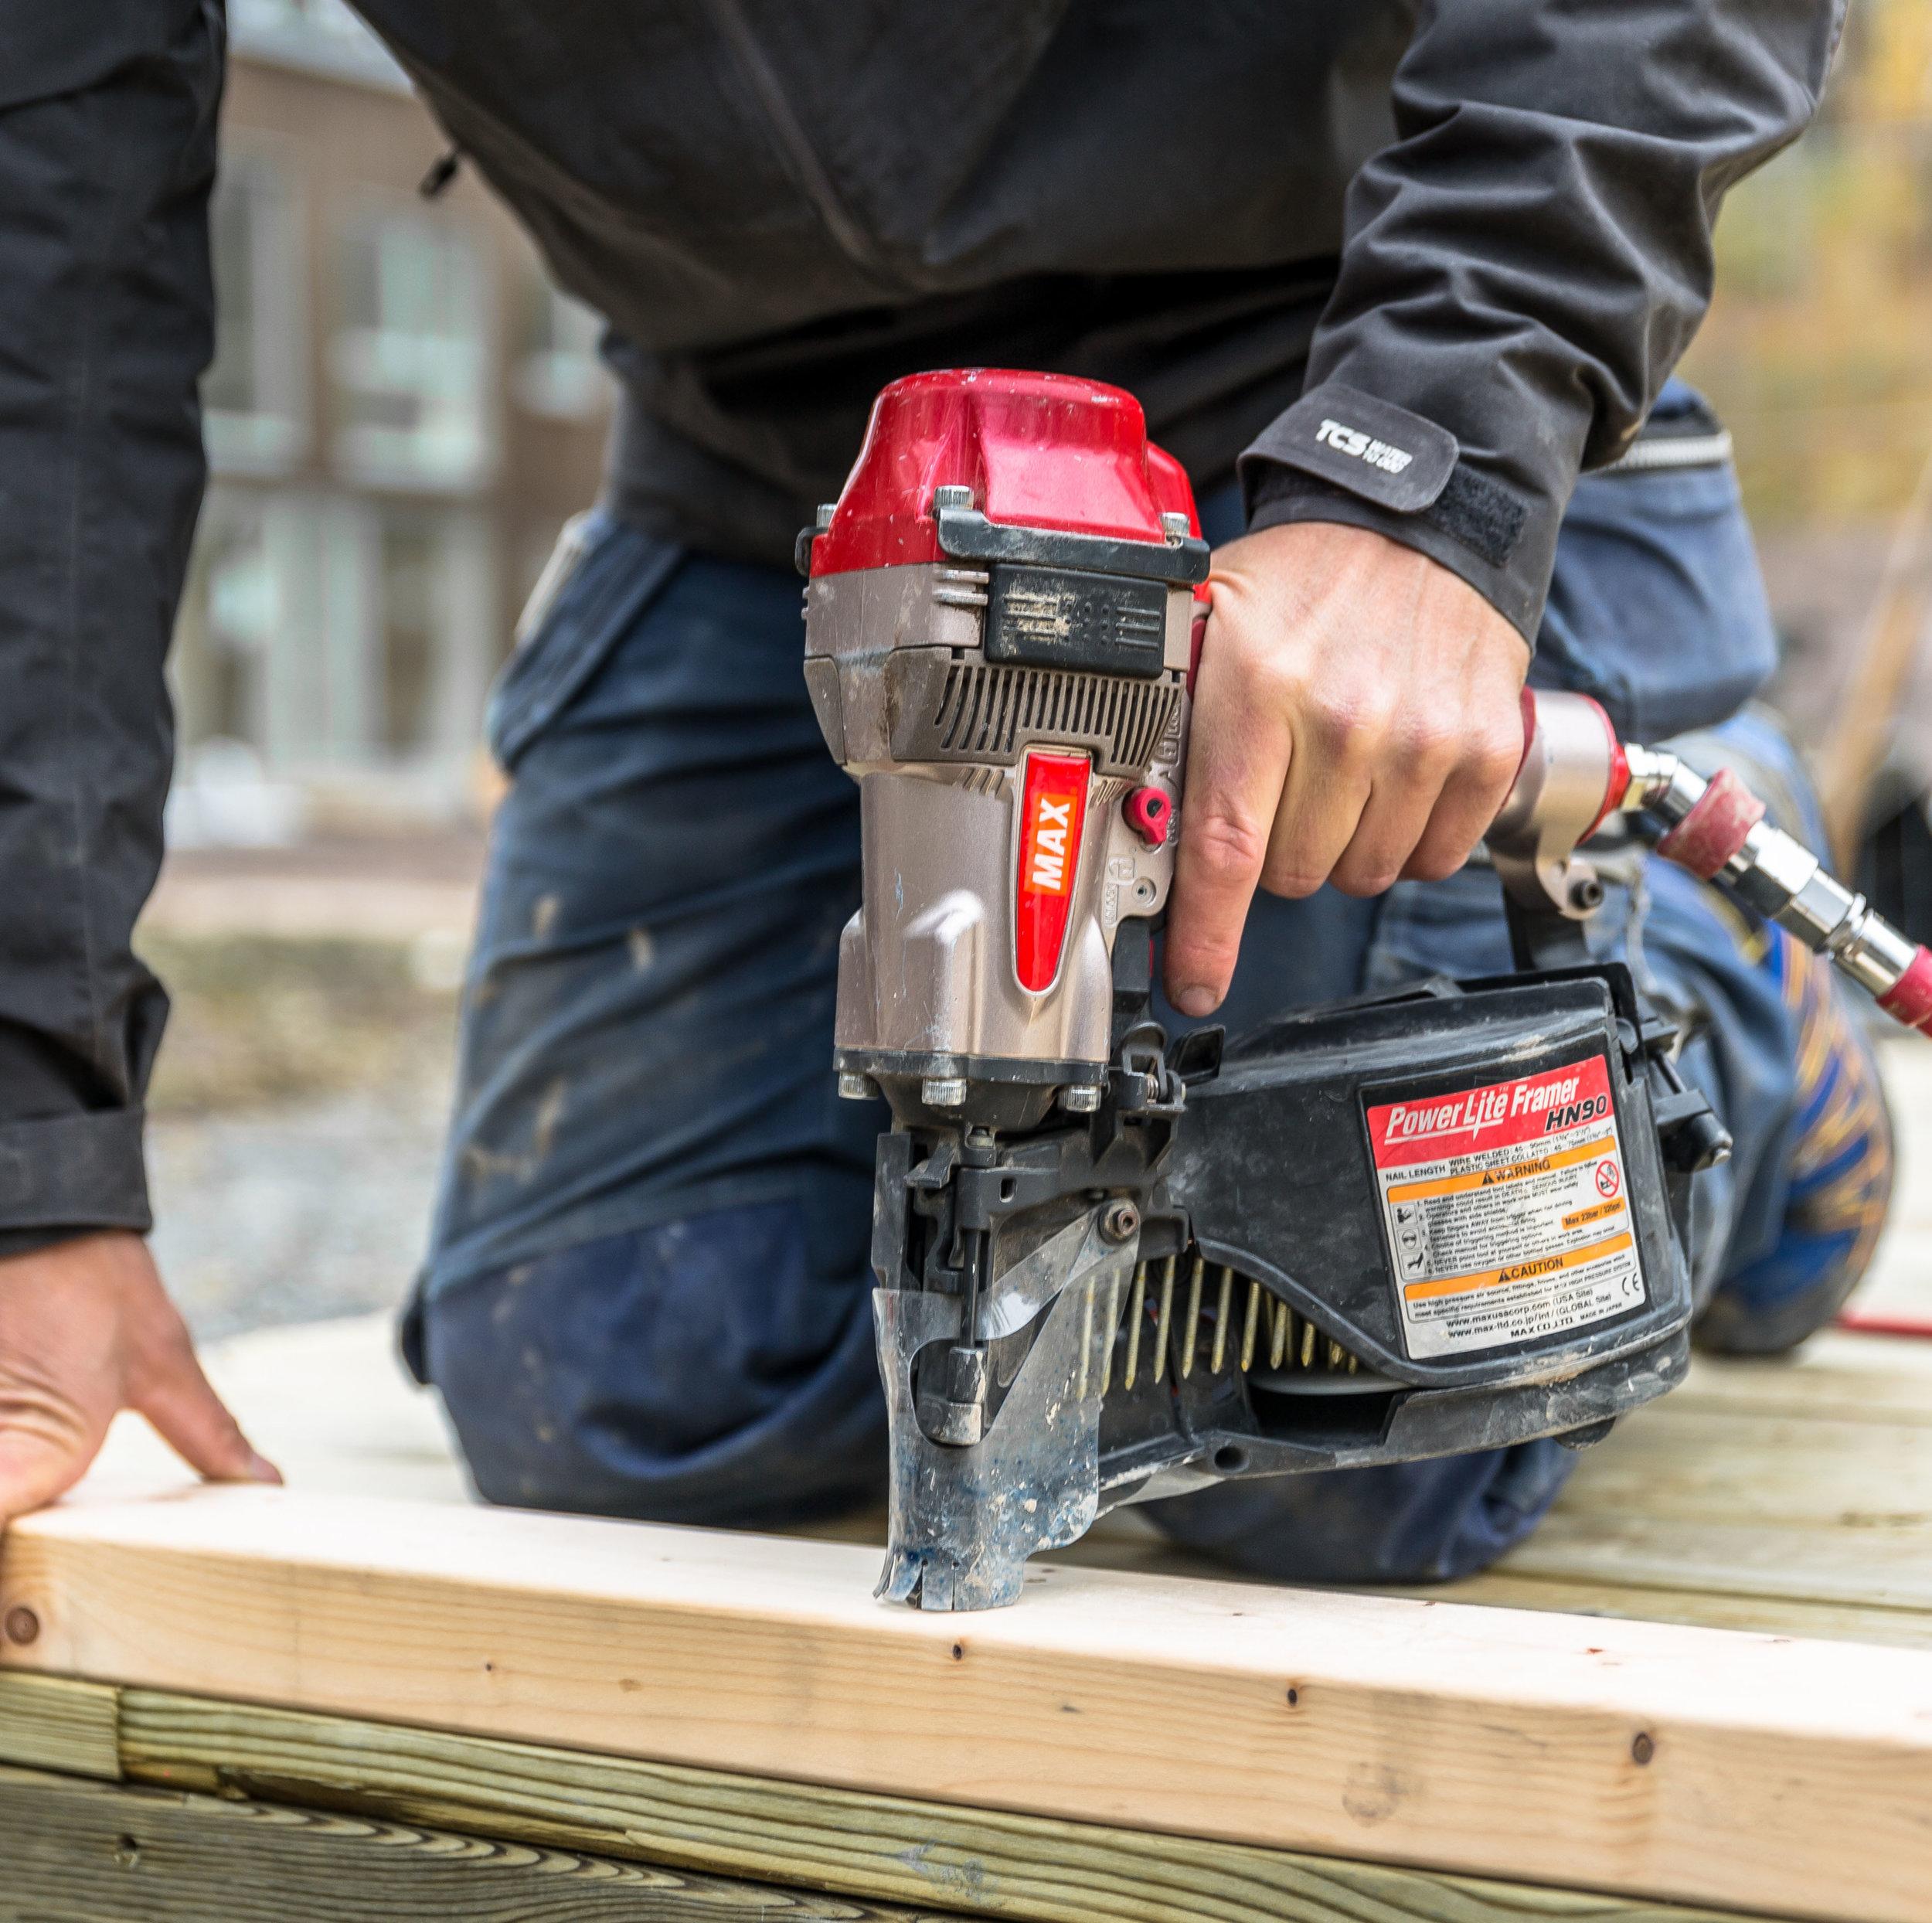 Gärds Bygg har förverkligat husdrömmar sedan 2004. - Det gör vi med engagemang, kunskap och en stark övertygelse om att medvetna val av byggnadsmaterial och konstruktion gör att människorna som bor i huset mår bättre.